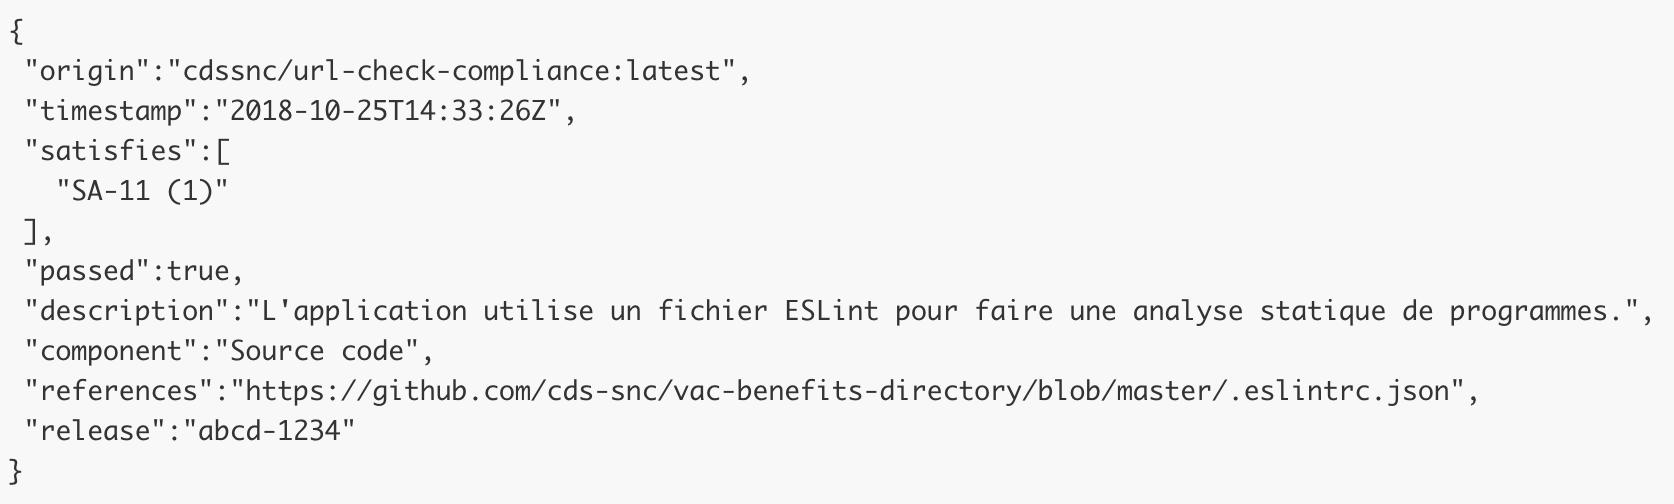 L'application utilise un fichier ESLint pour faire une analyse statique de programmes.